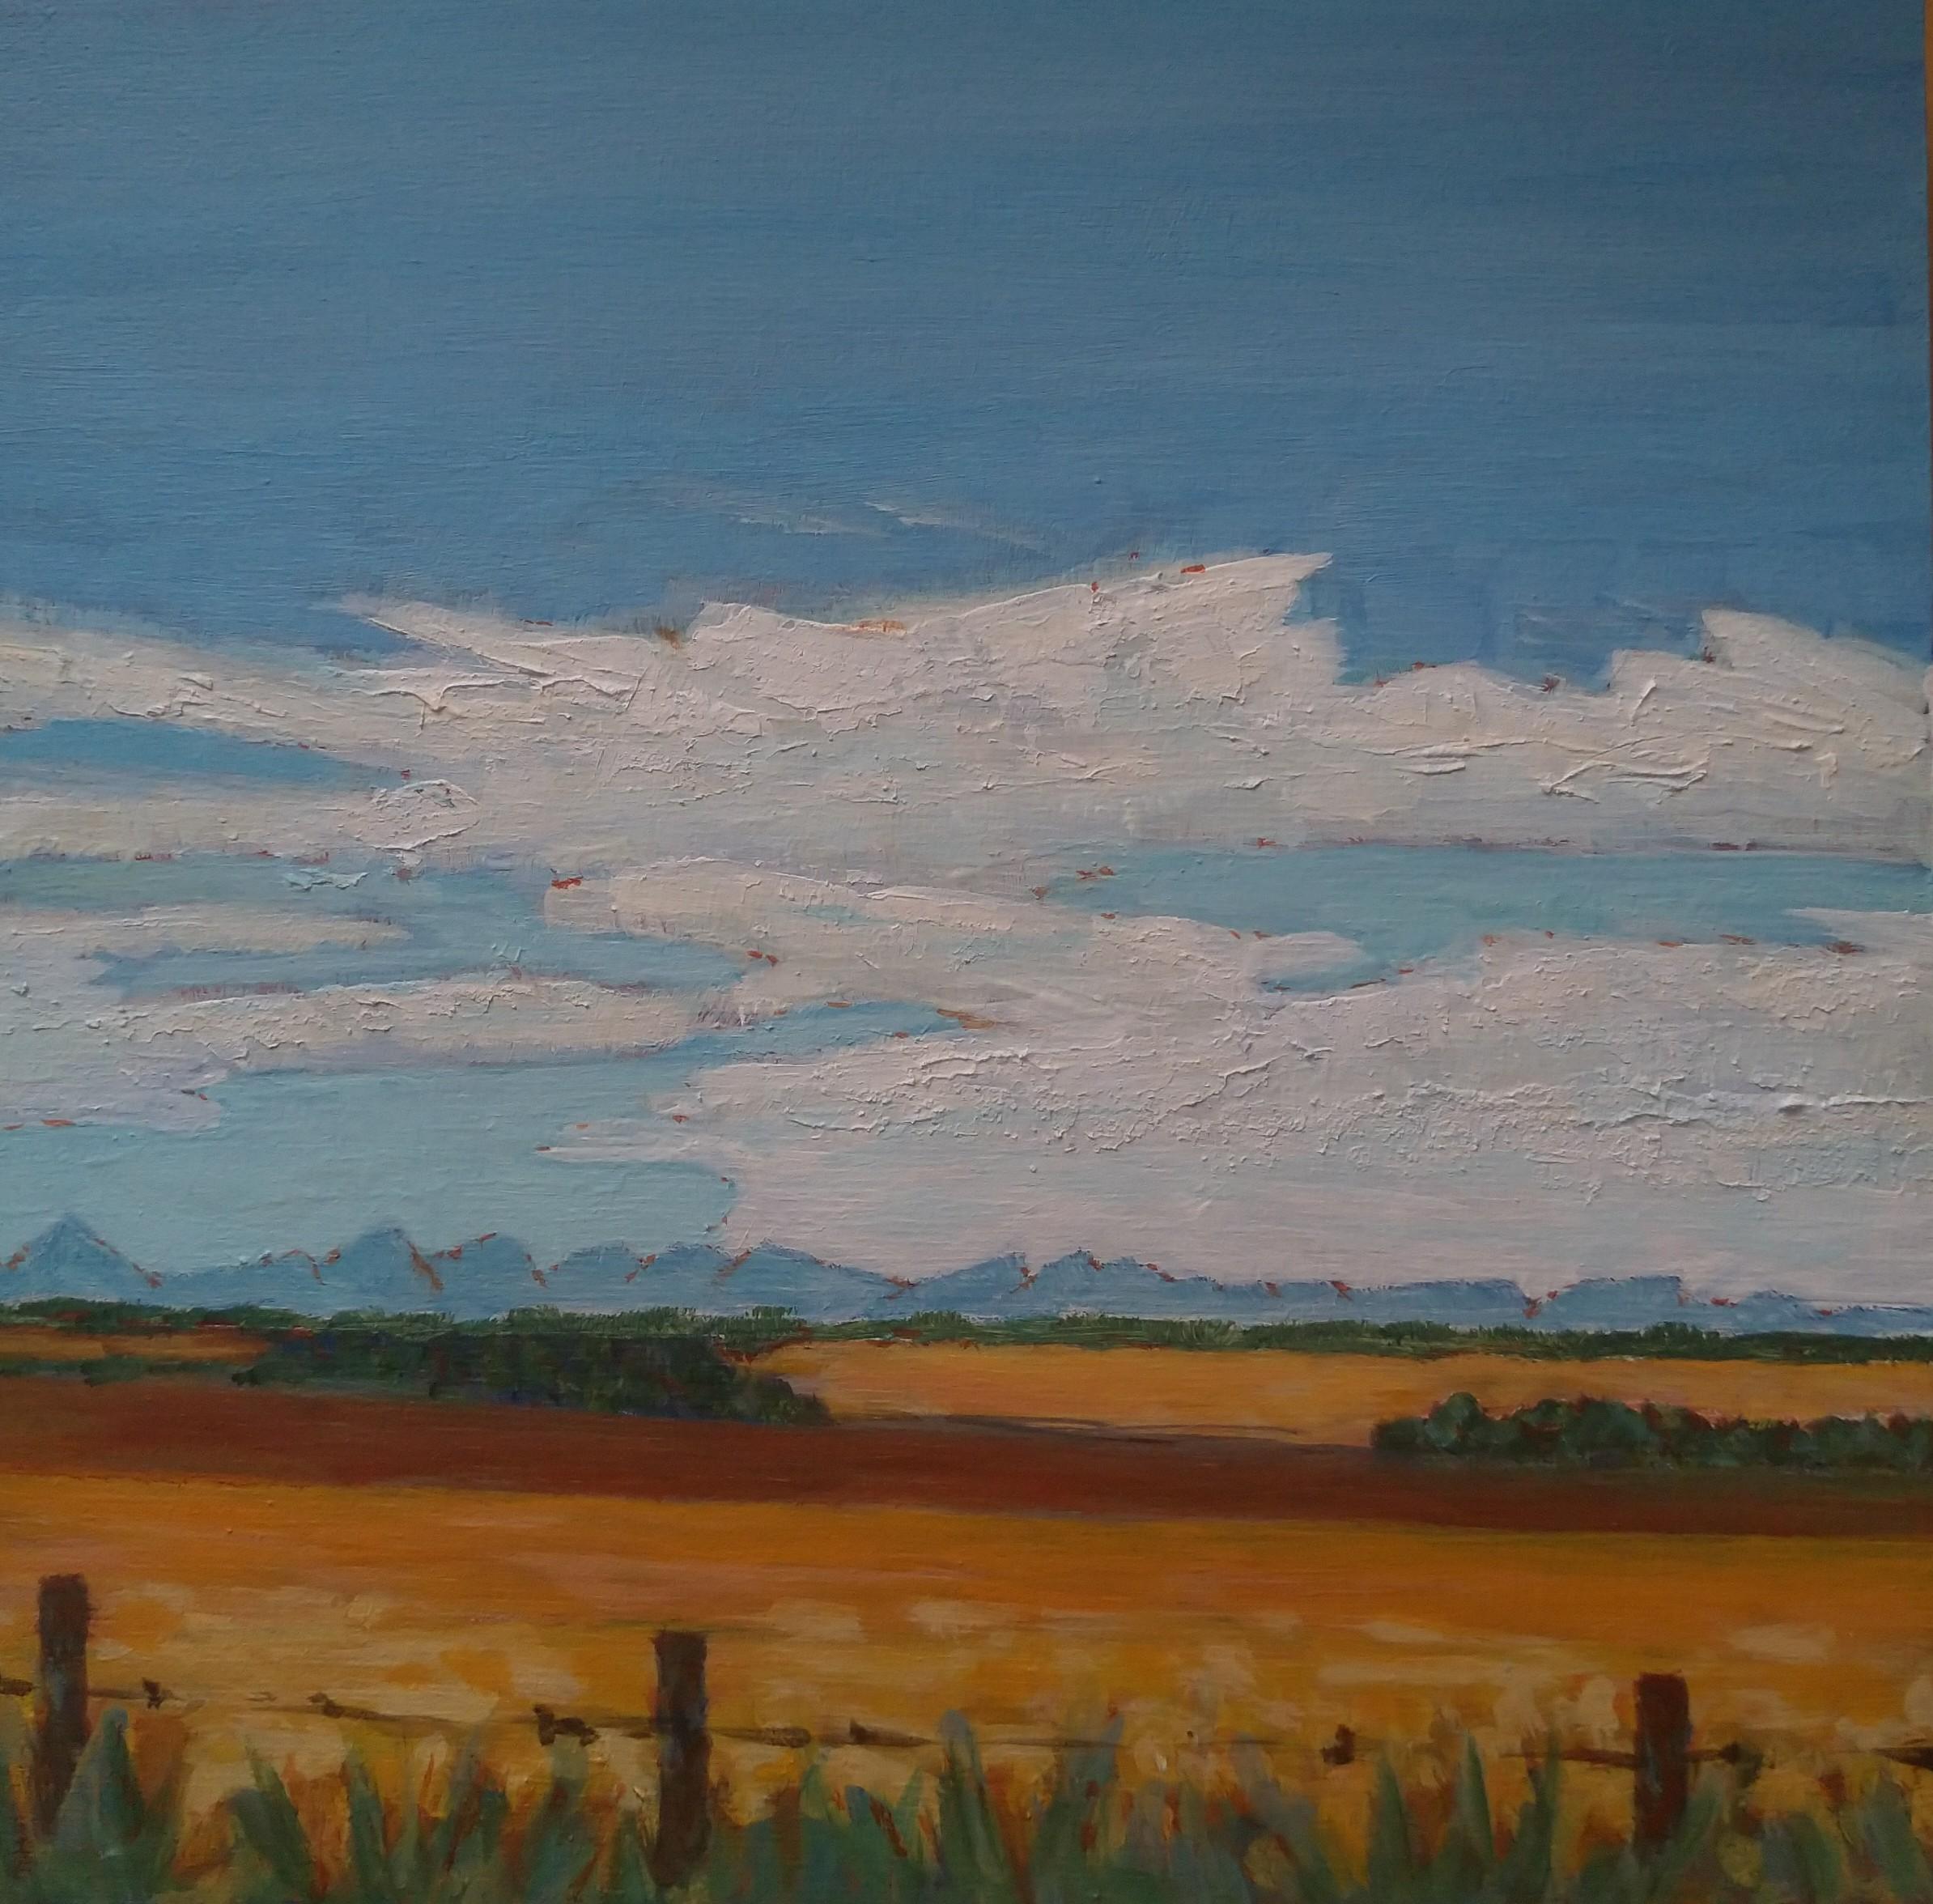 Foothills Vista